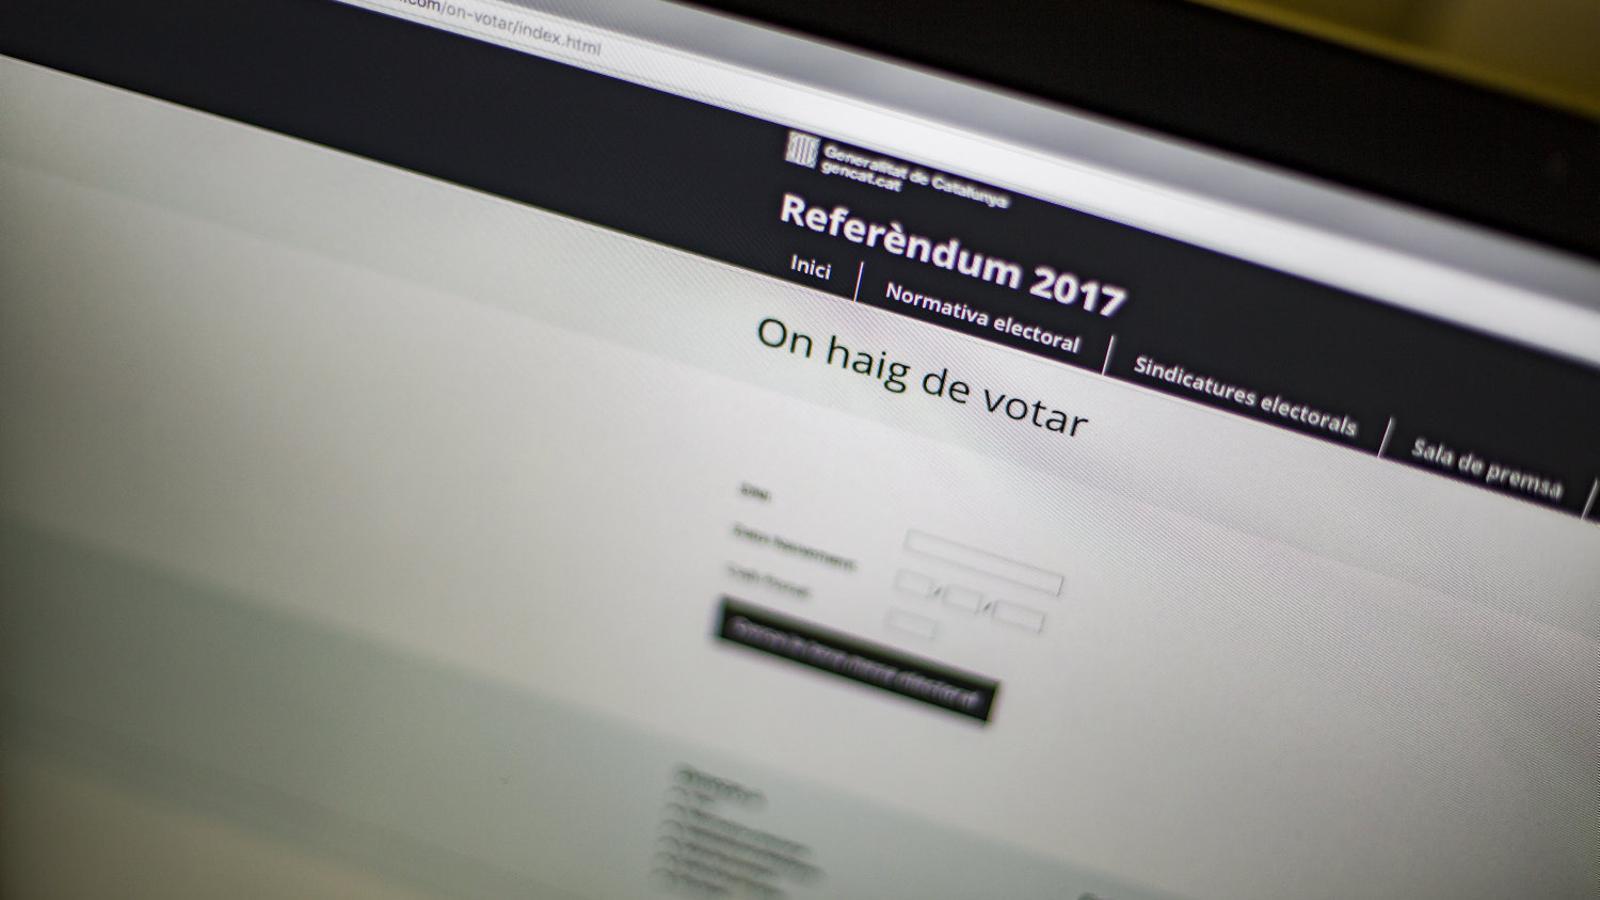 El Govern ha rebut ajuda d'un fundador de The Pirate Bay per a la nova web del referèndum.